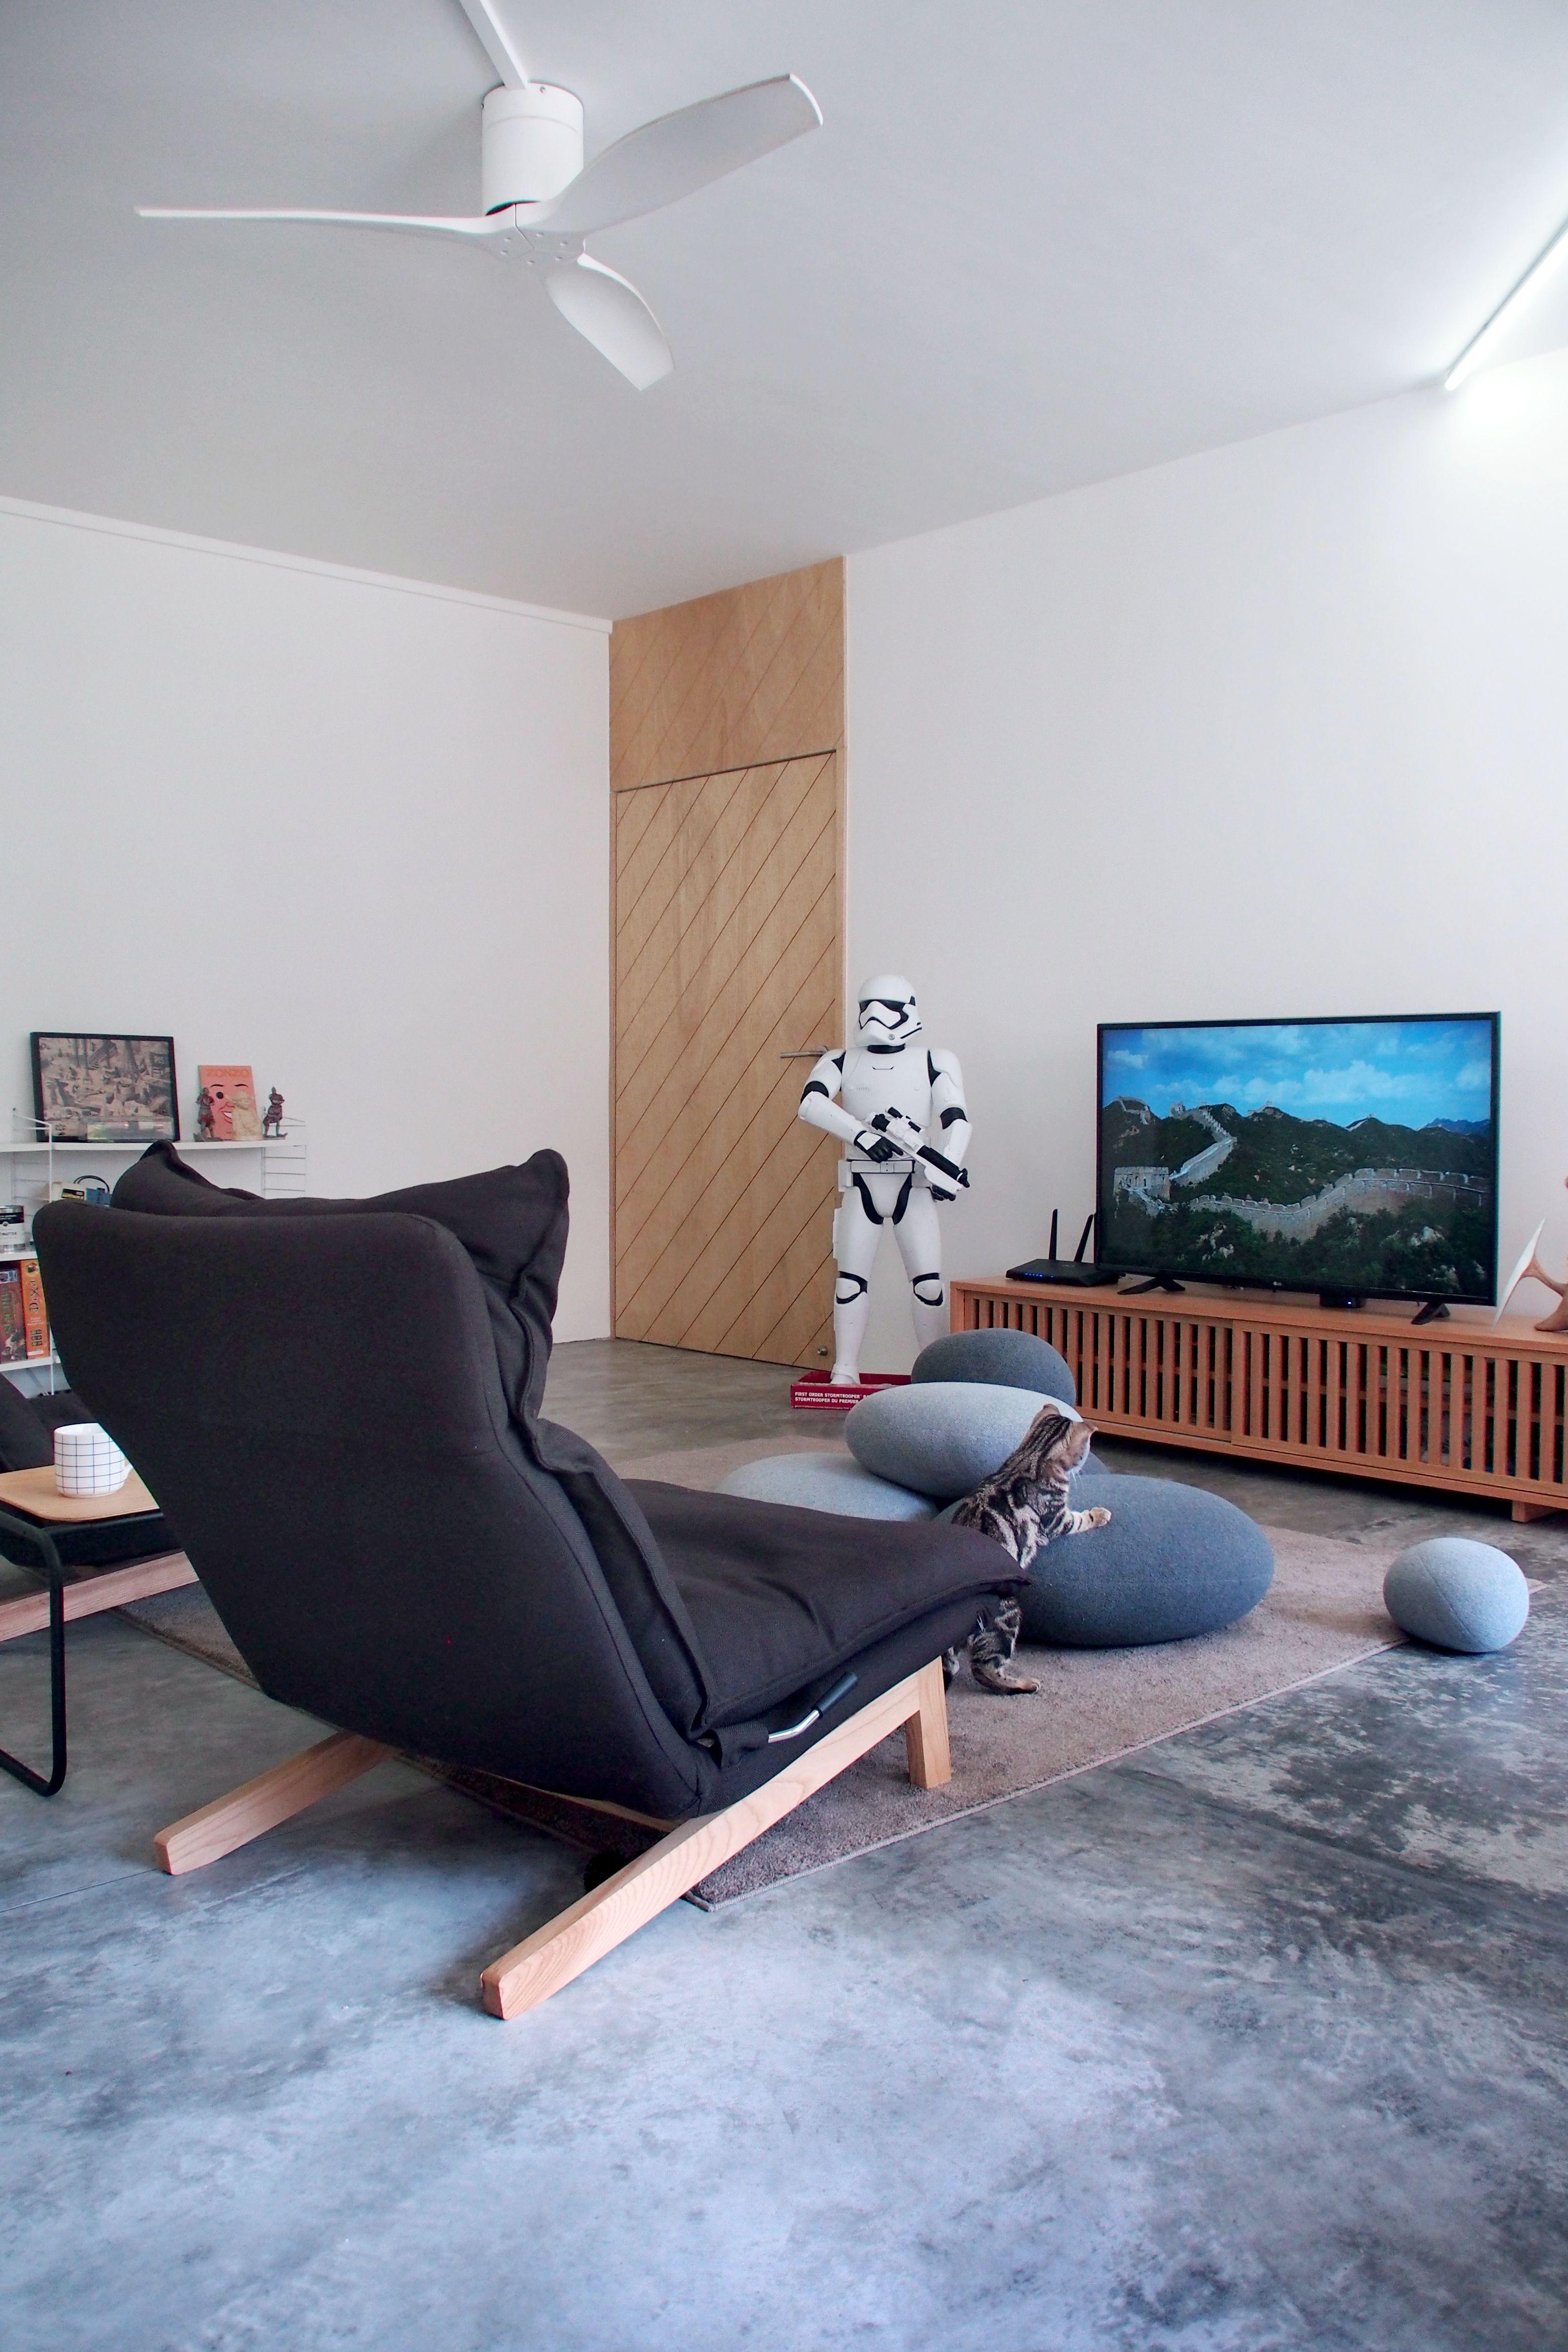 Minimal Living Room Interior by The Association HDB interior